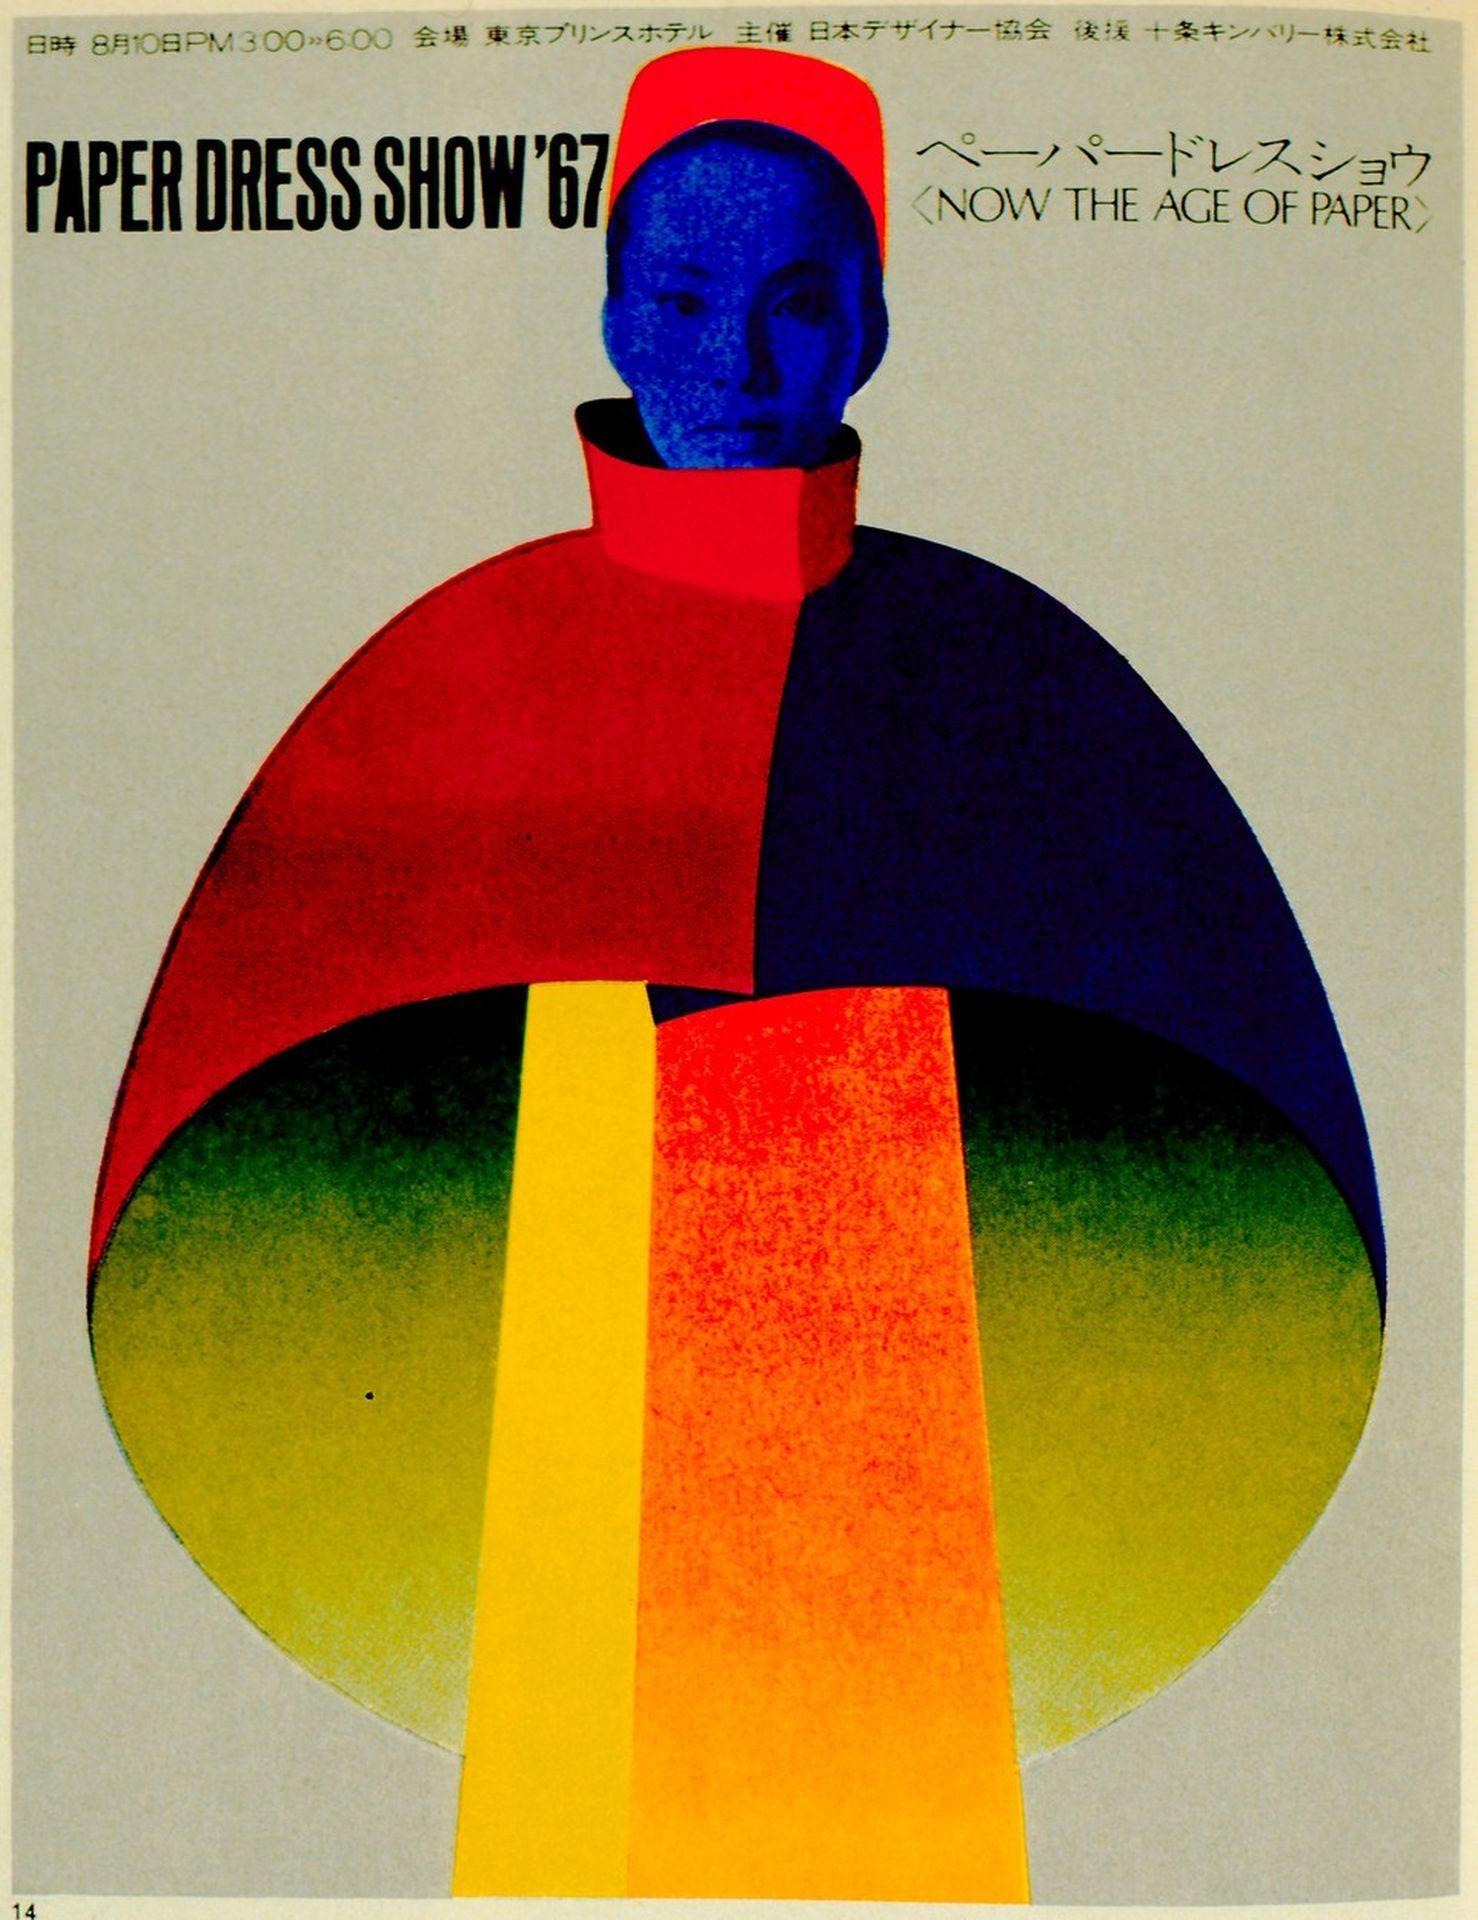 Az 1967-es Paper Dress Show divatbemutató plakátja.